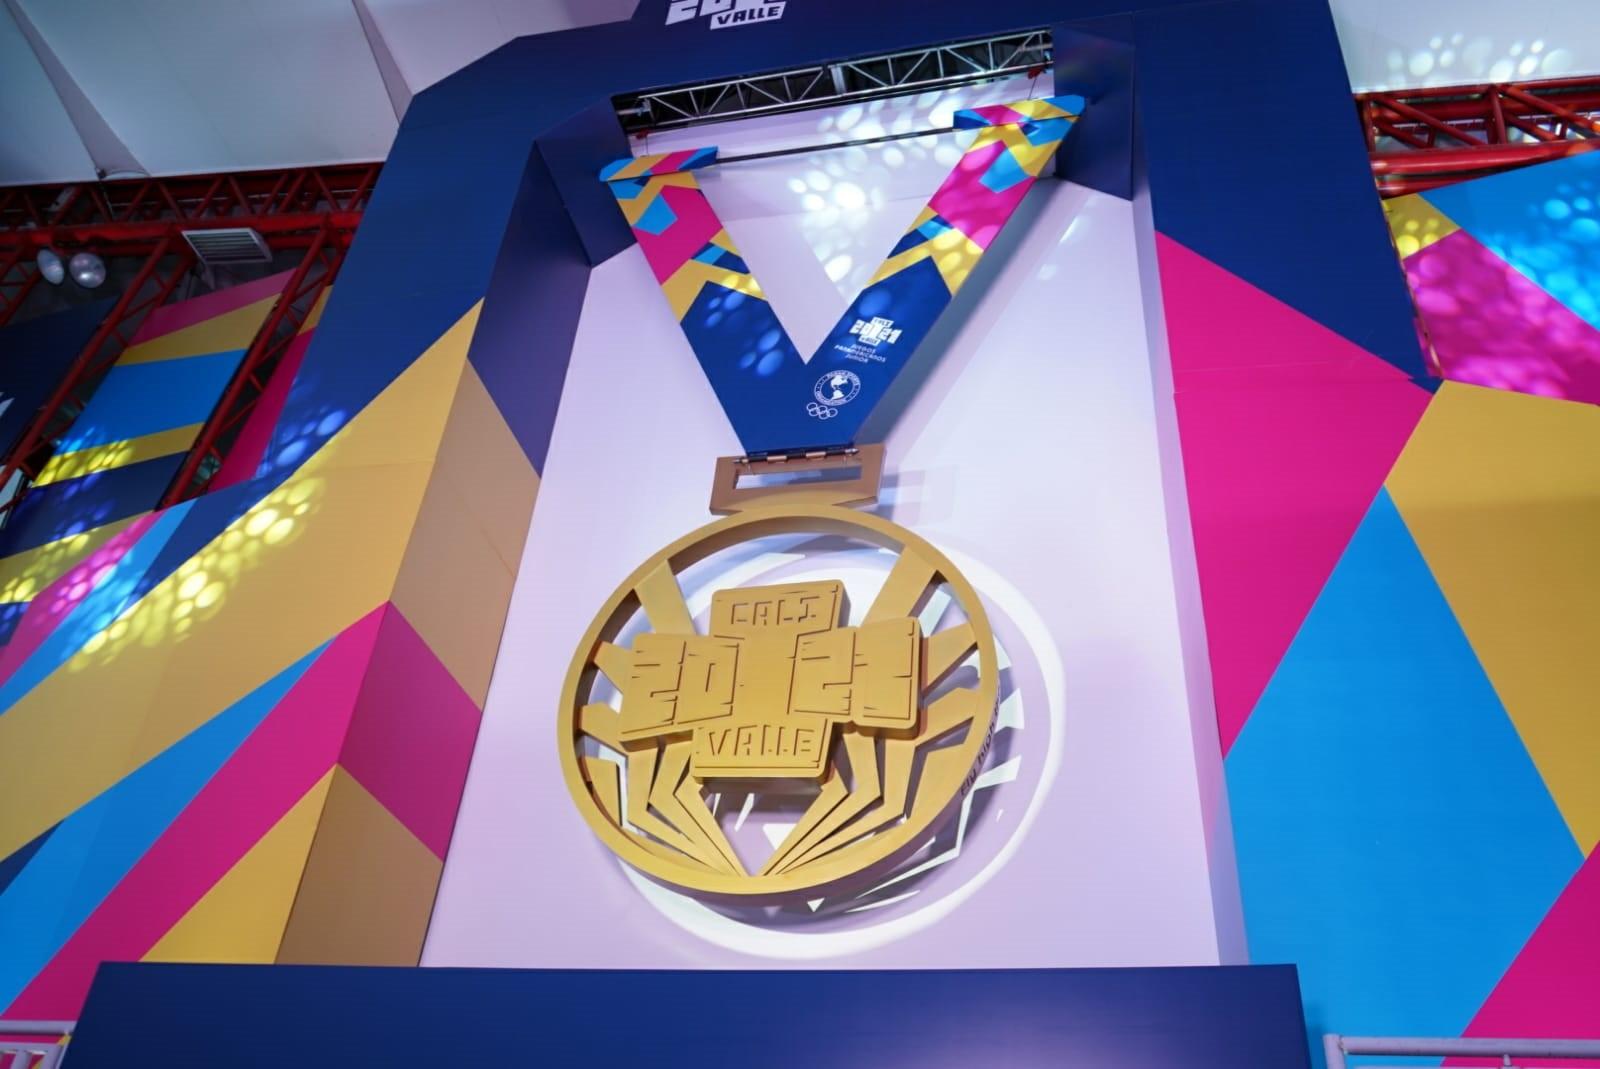 Los Juegos Panamericanos Junior 2021 vacantes están programados para realizarse del 25 de noviembre al 5 de diciembre © Money Game